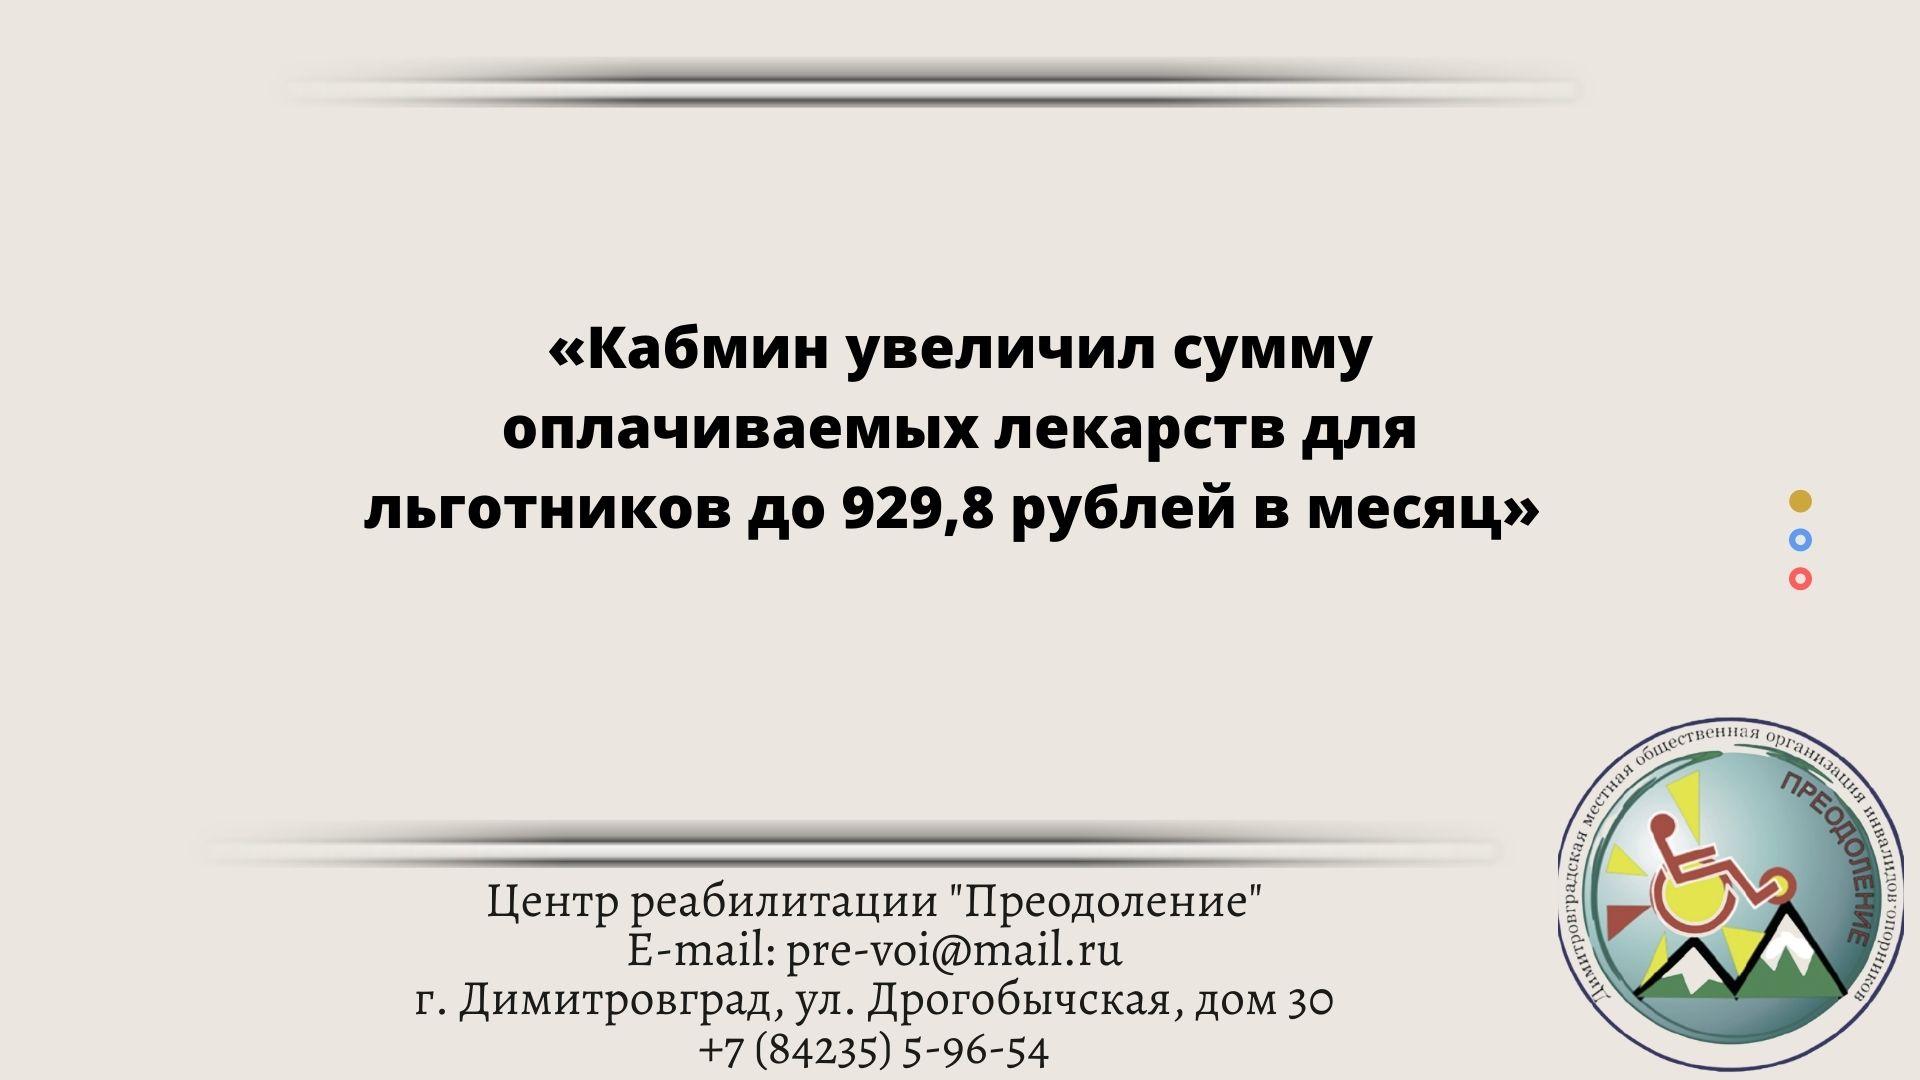 «Кабмин увеличил сумму оплачиваемых лекарств для льготников до 929,8 рублей в месяц»